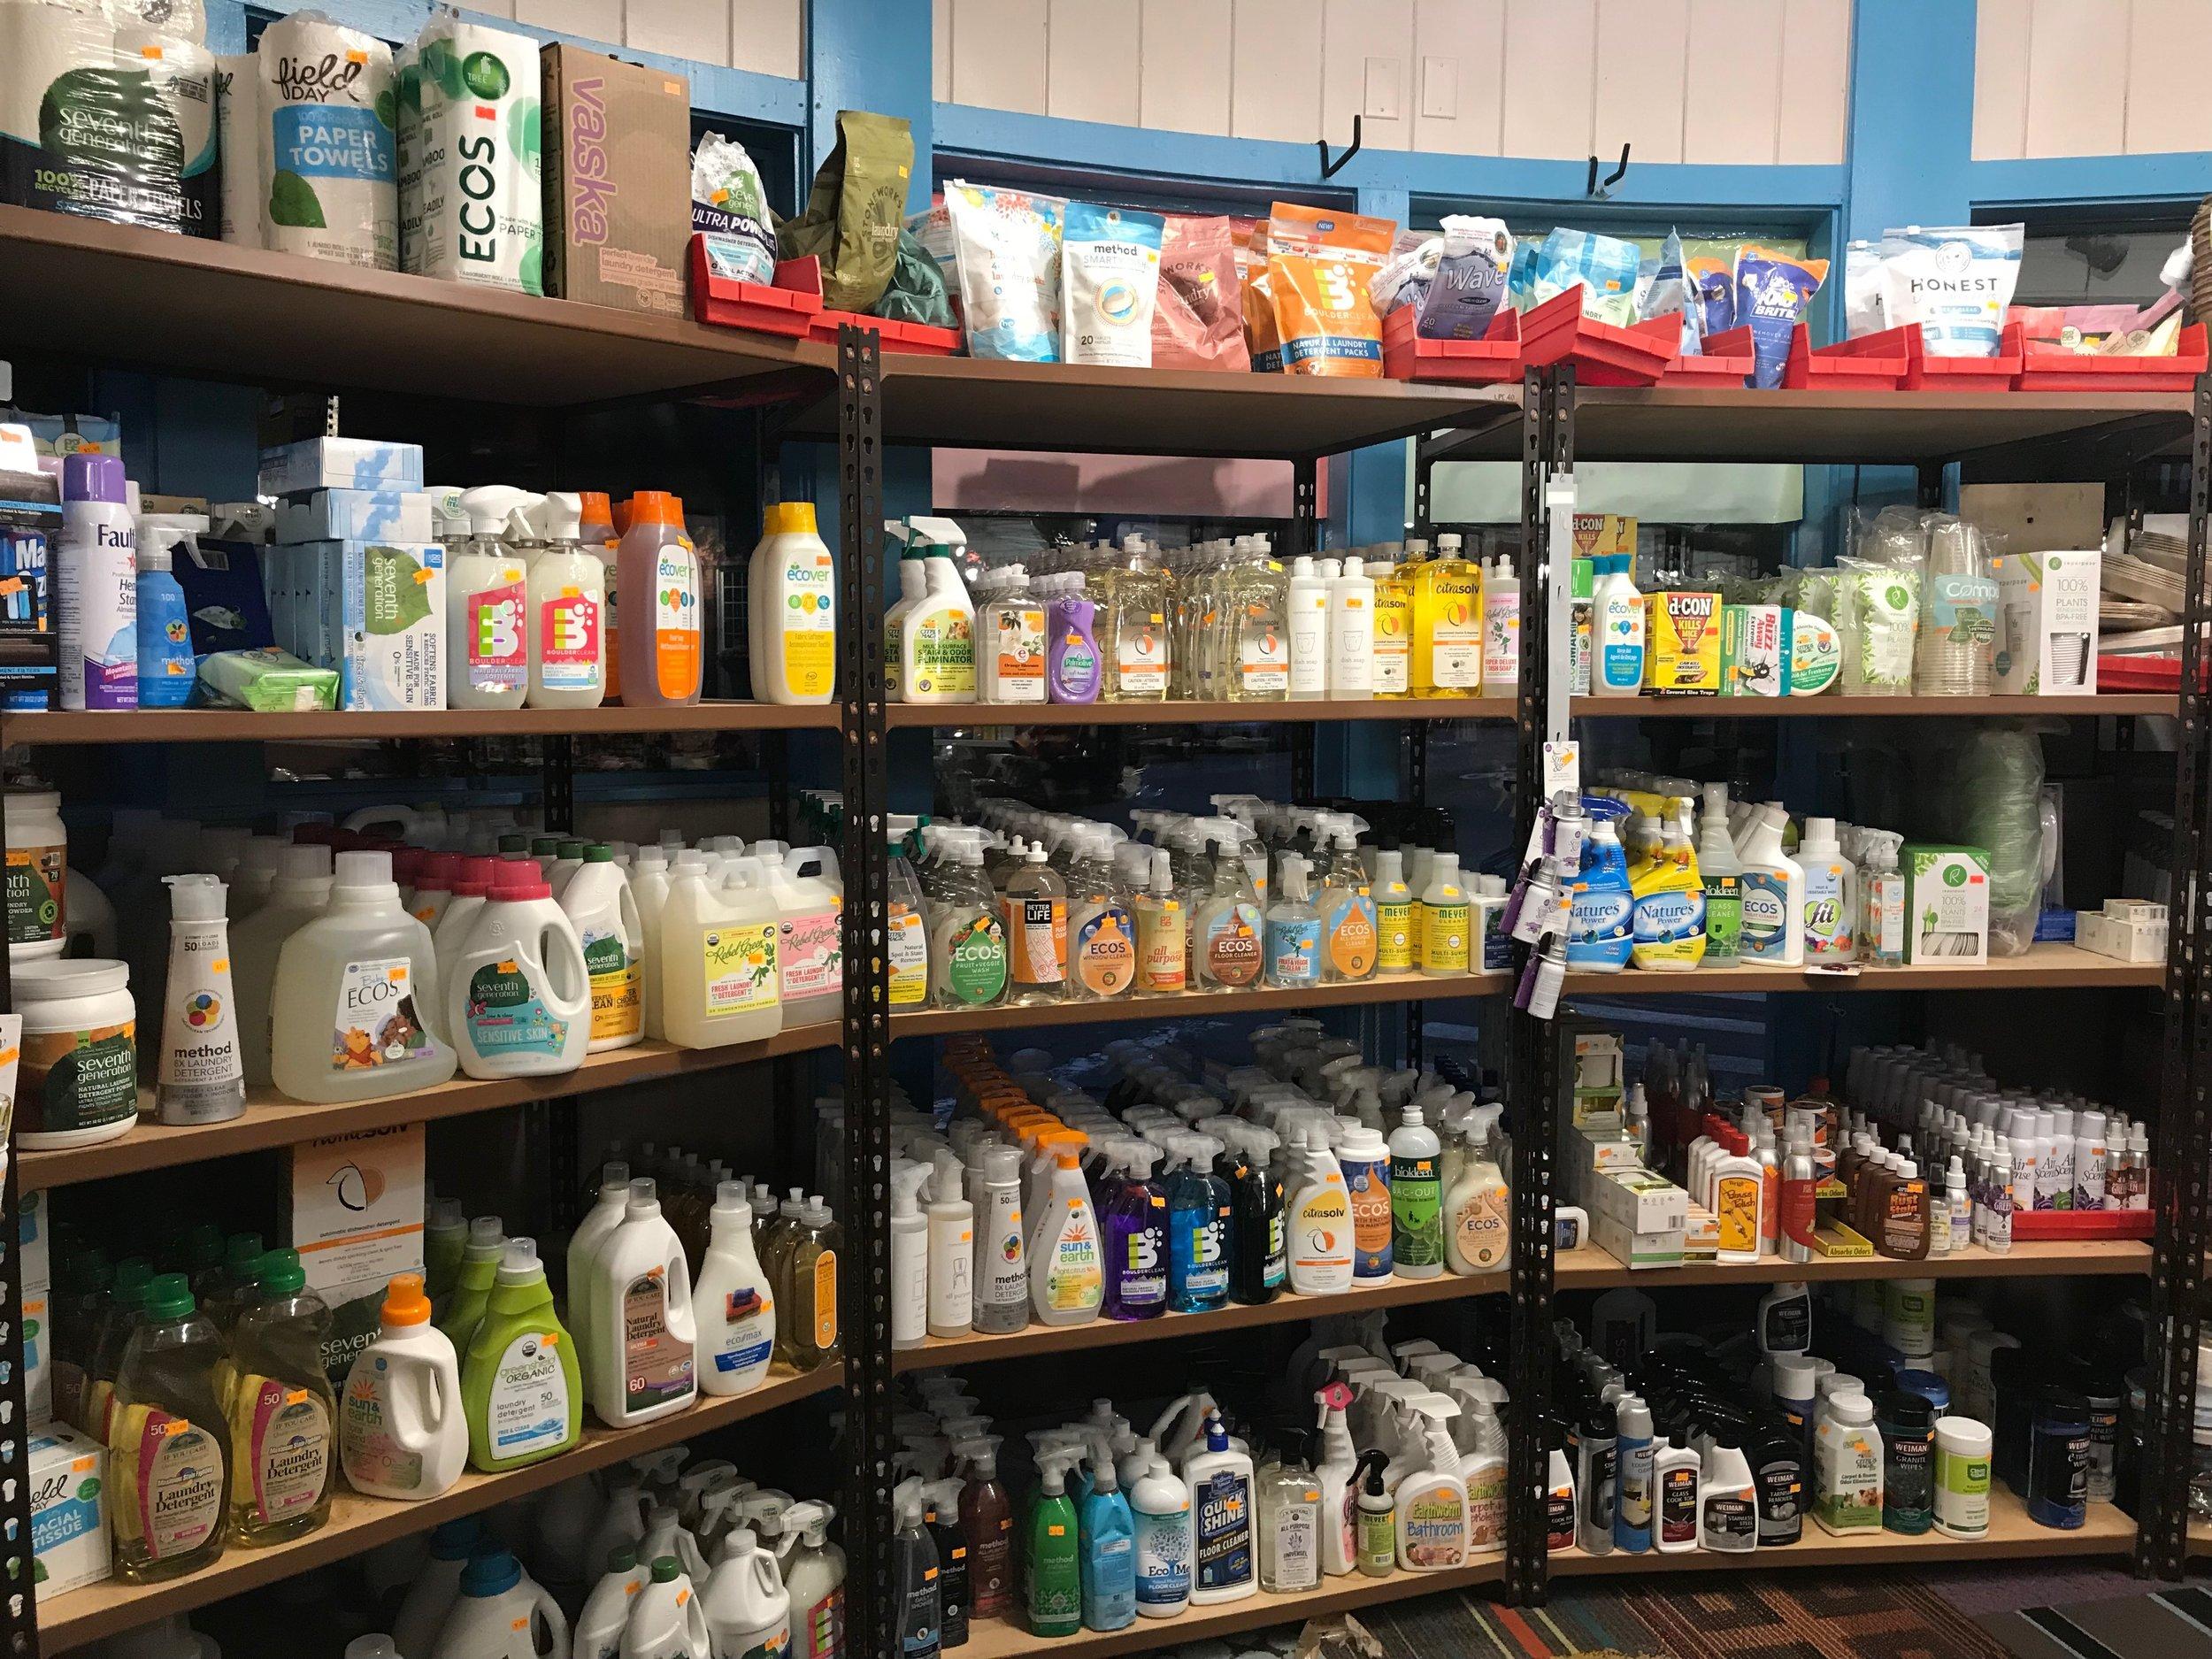 Detergent & Cleaning Supplies -